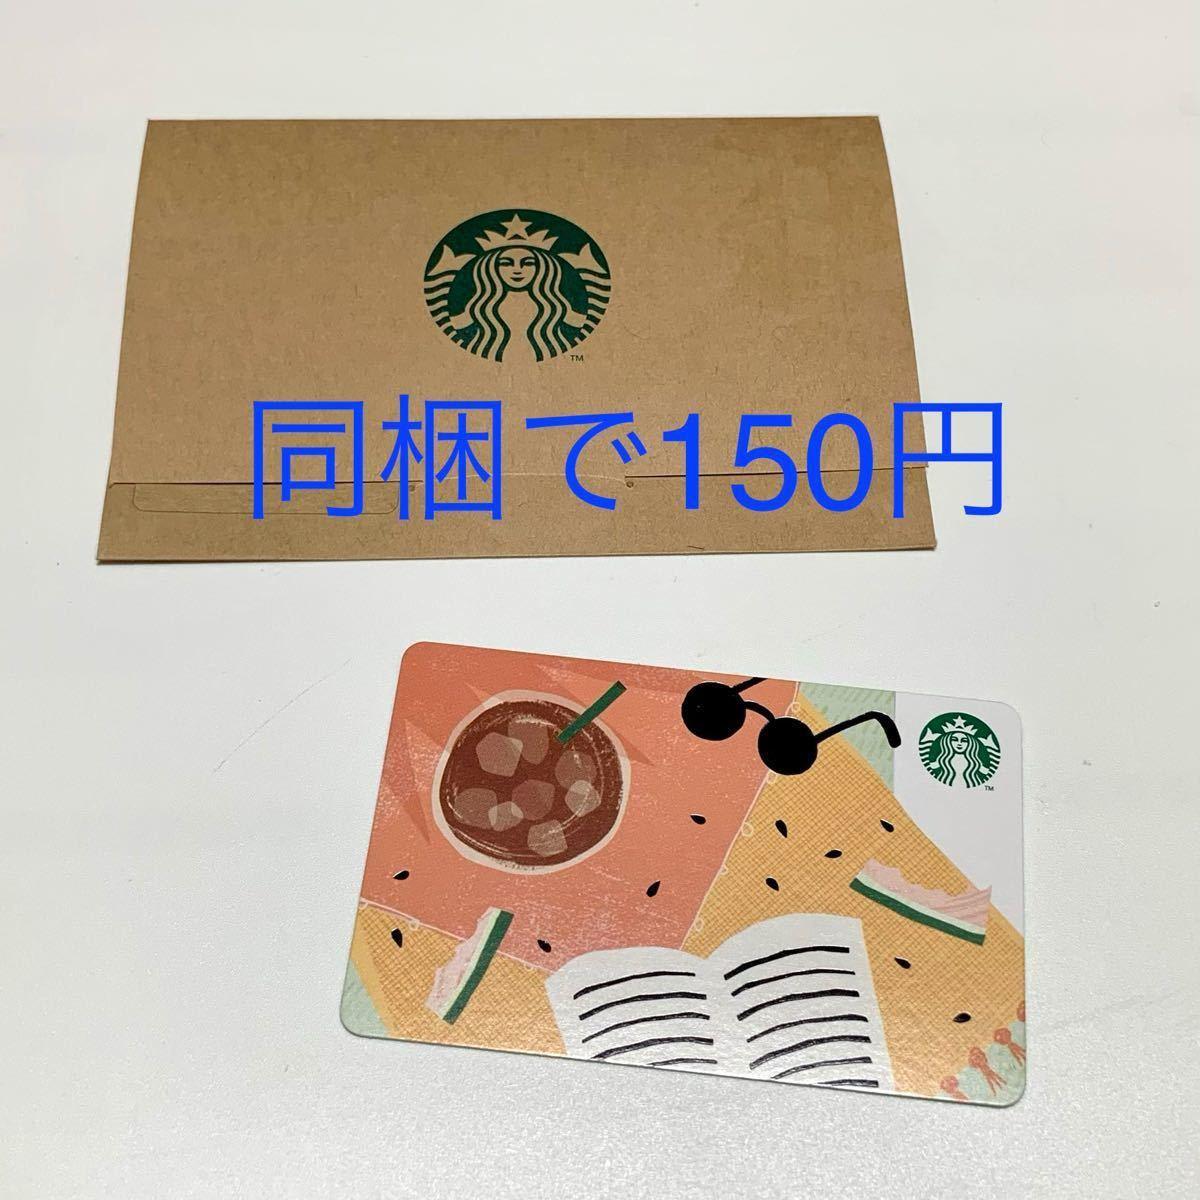 スターバックスカード2枚 サマーシーン 紙製 & セレブレーション プラスチック製